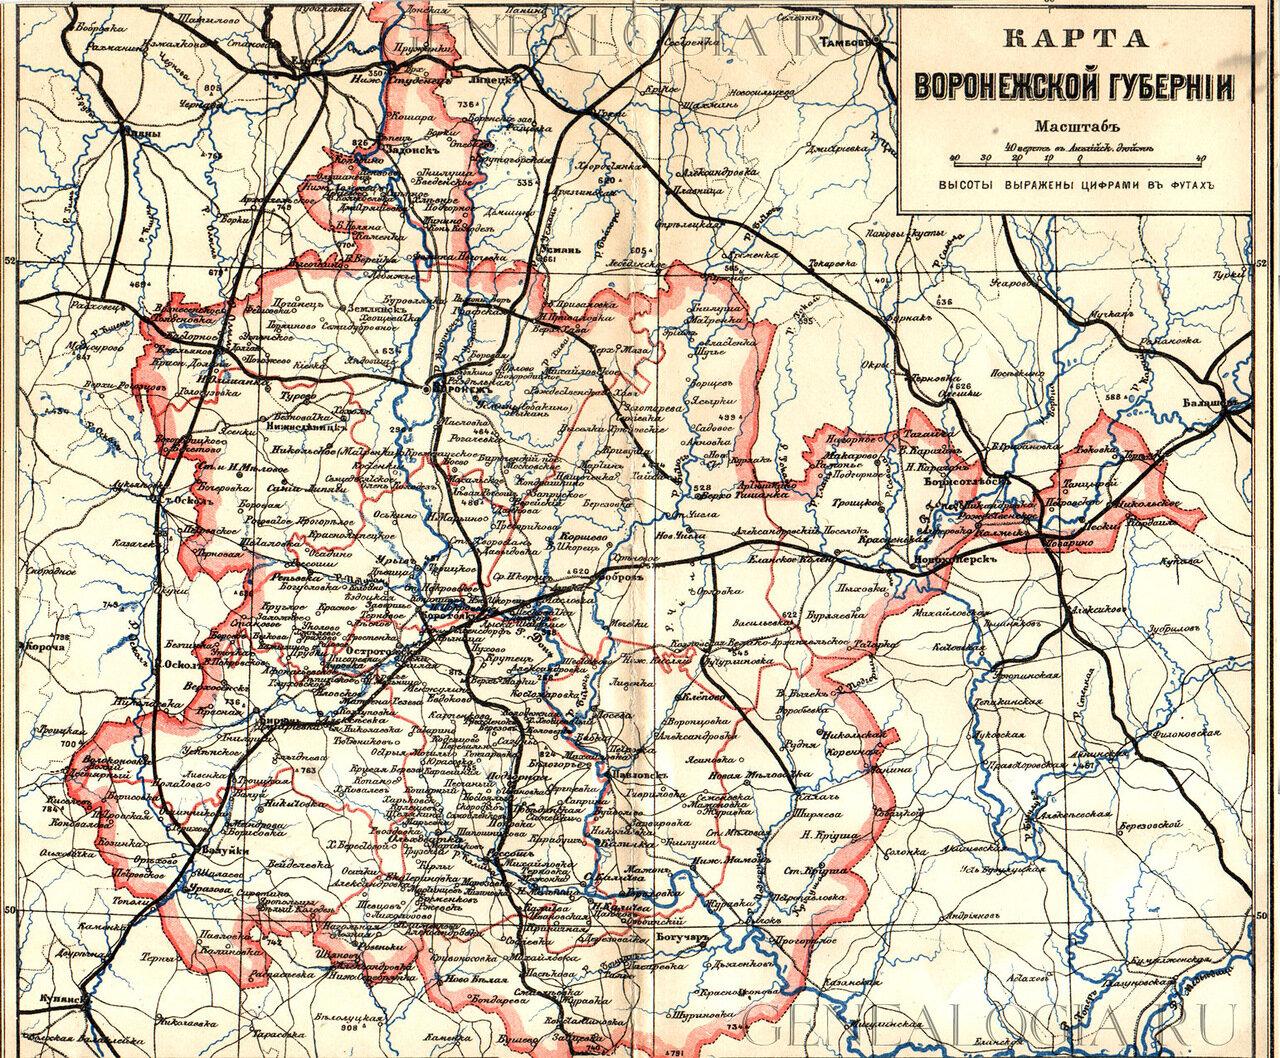 Карта Воронежской губернии конец 19 века